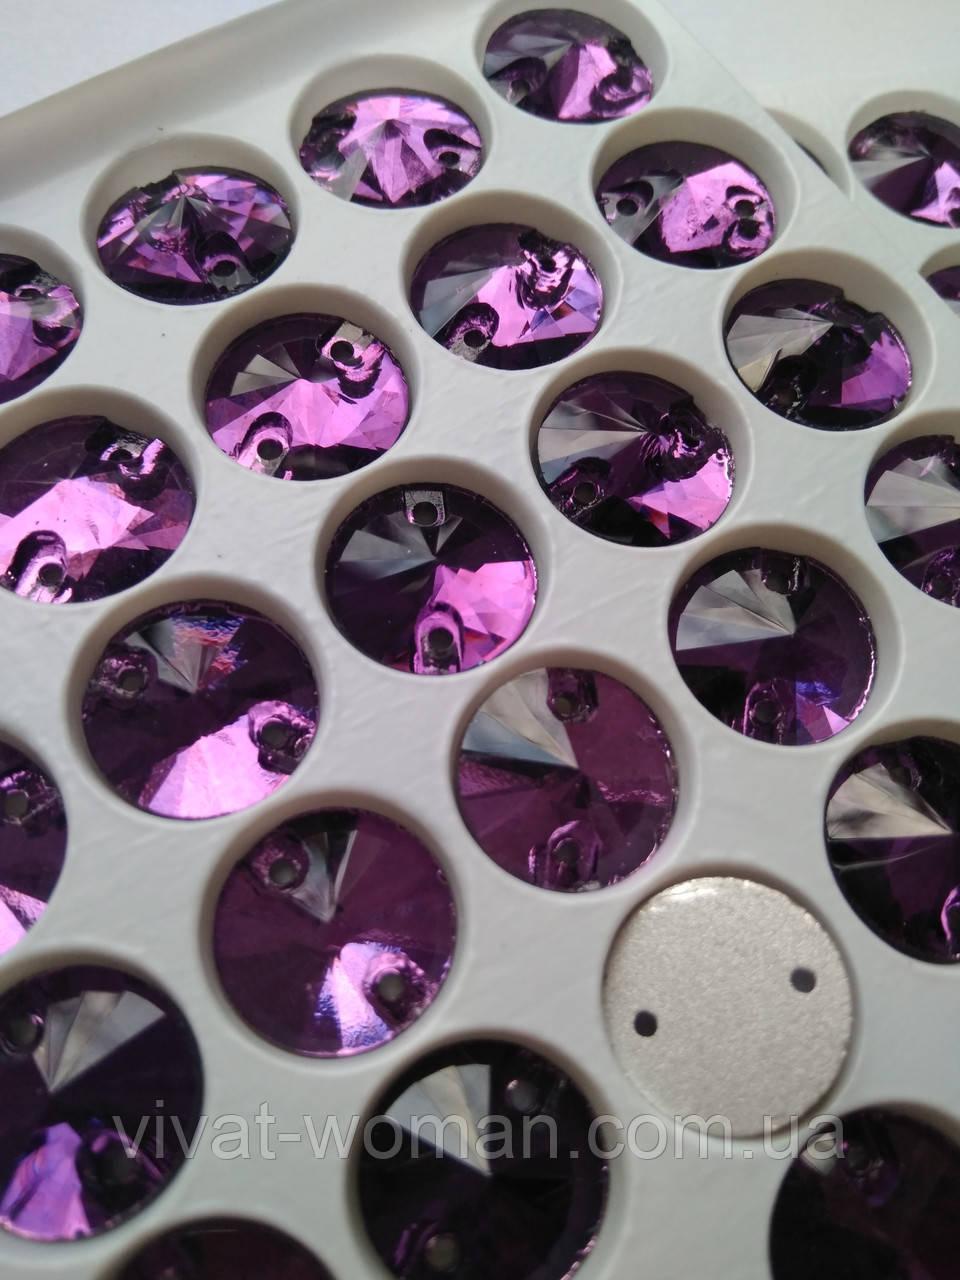 Стразы пришивные Риволи (круг) d10 мм Amethyst (сиреневый), стекло